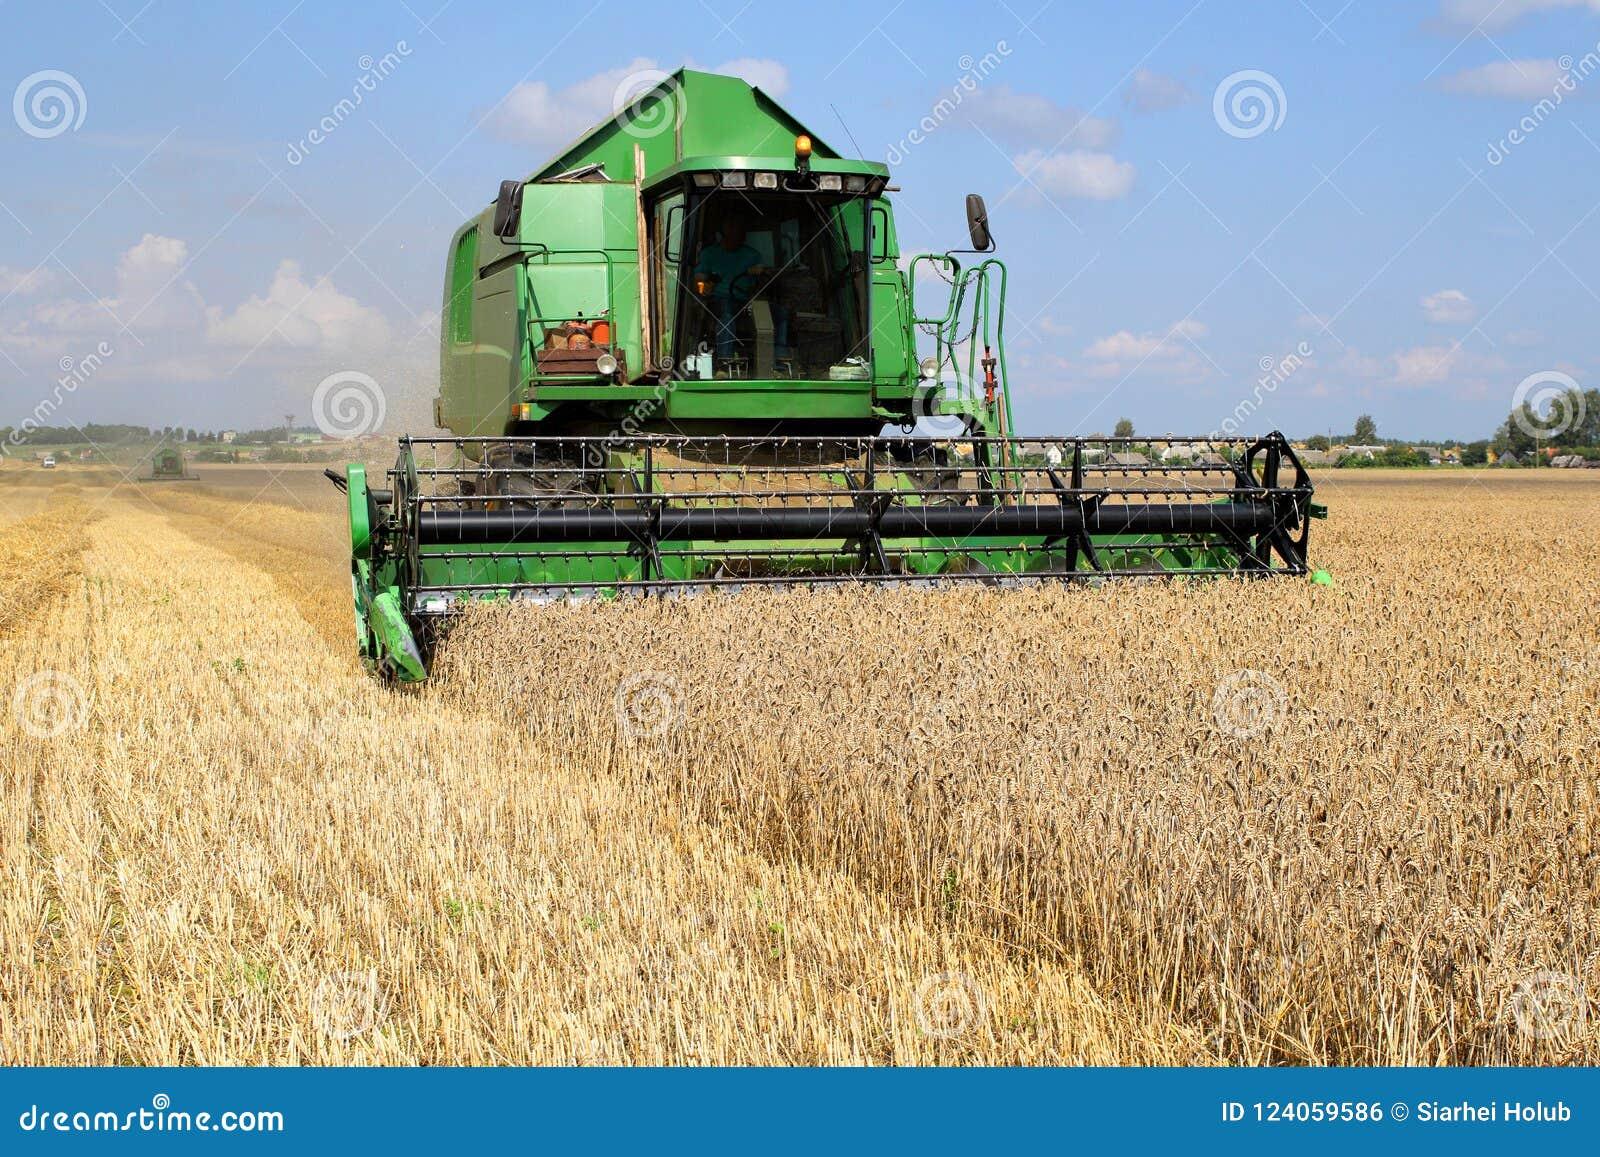 La máquina segadora verde quita trigo del campo en un día soleado